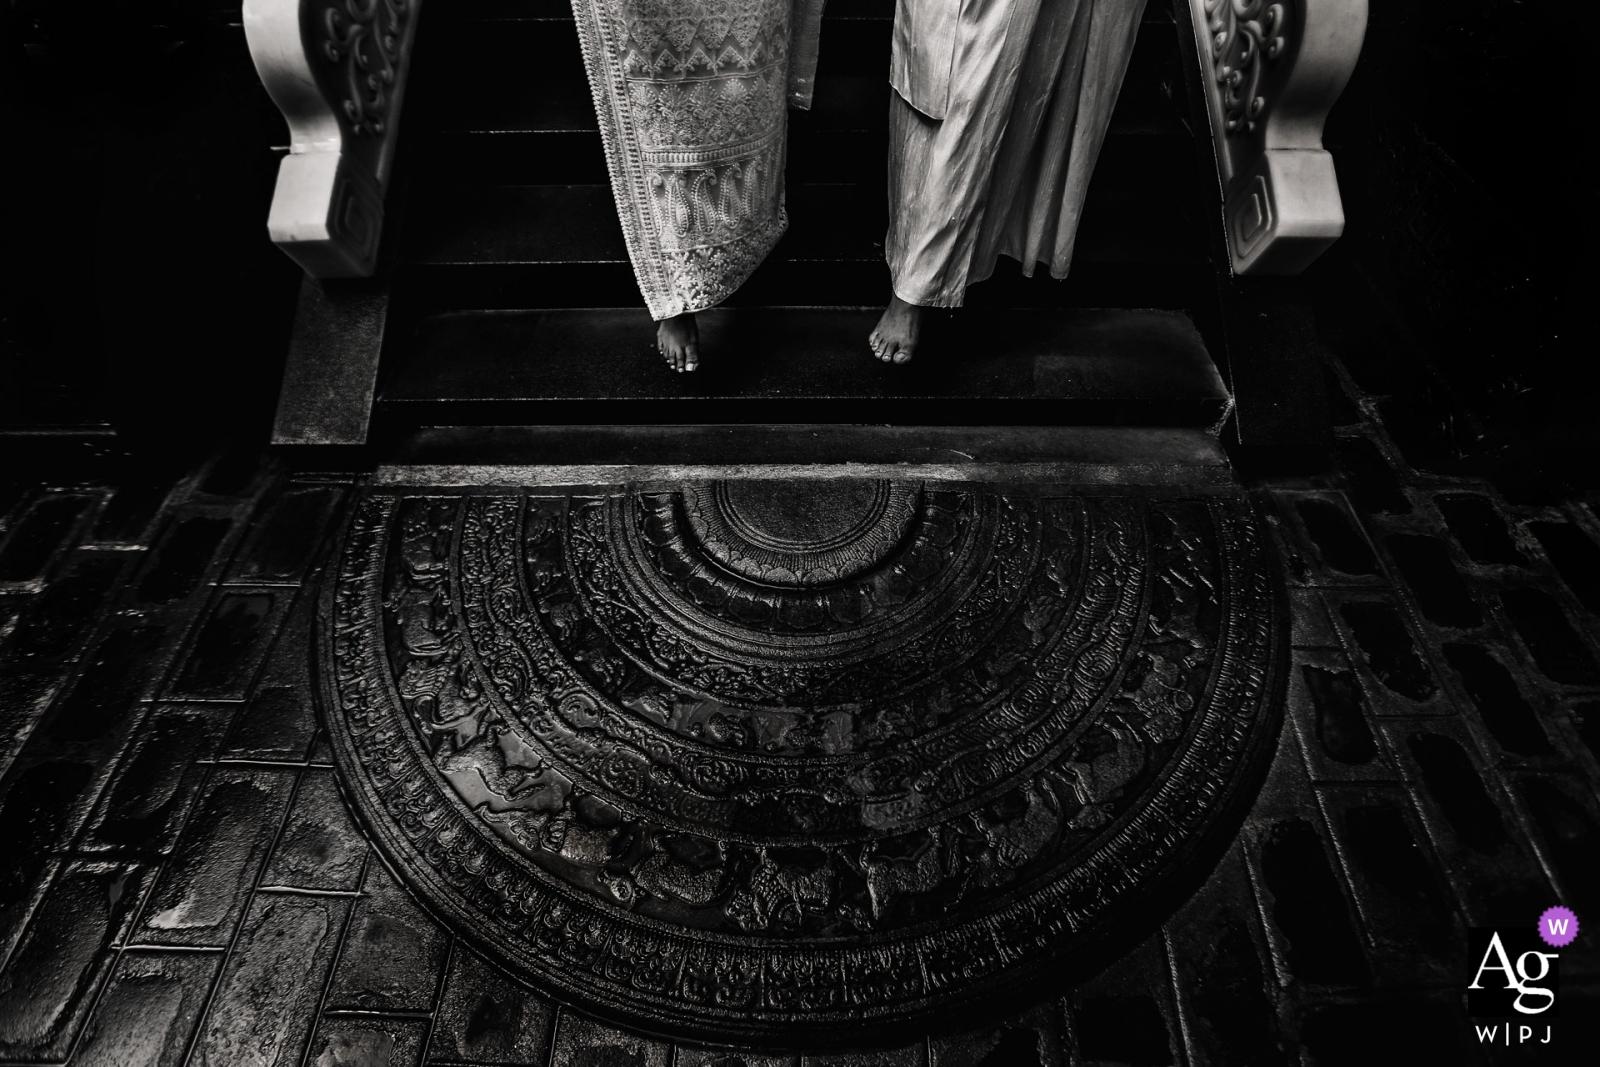 鞋子和腳斯里蘭卡藝術性的創造性的攝影細節